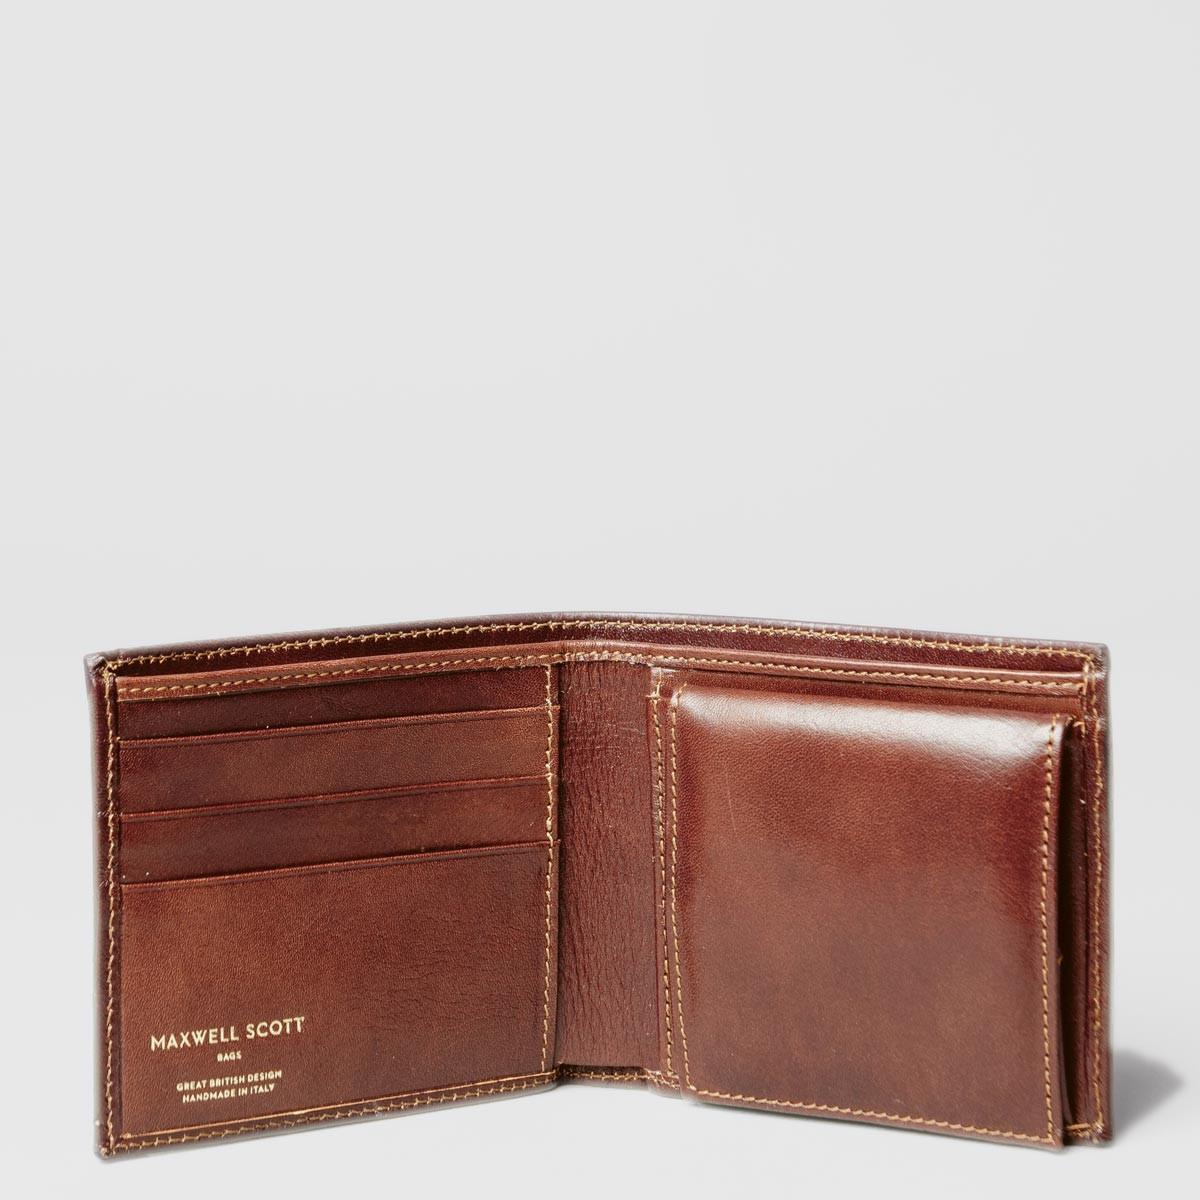 ticciano tan wallet maxwell scott